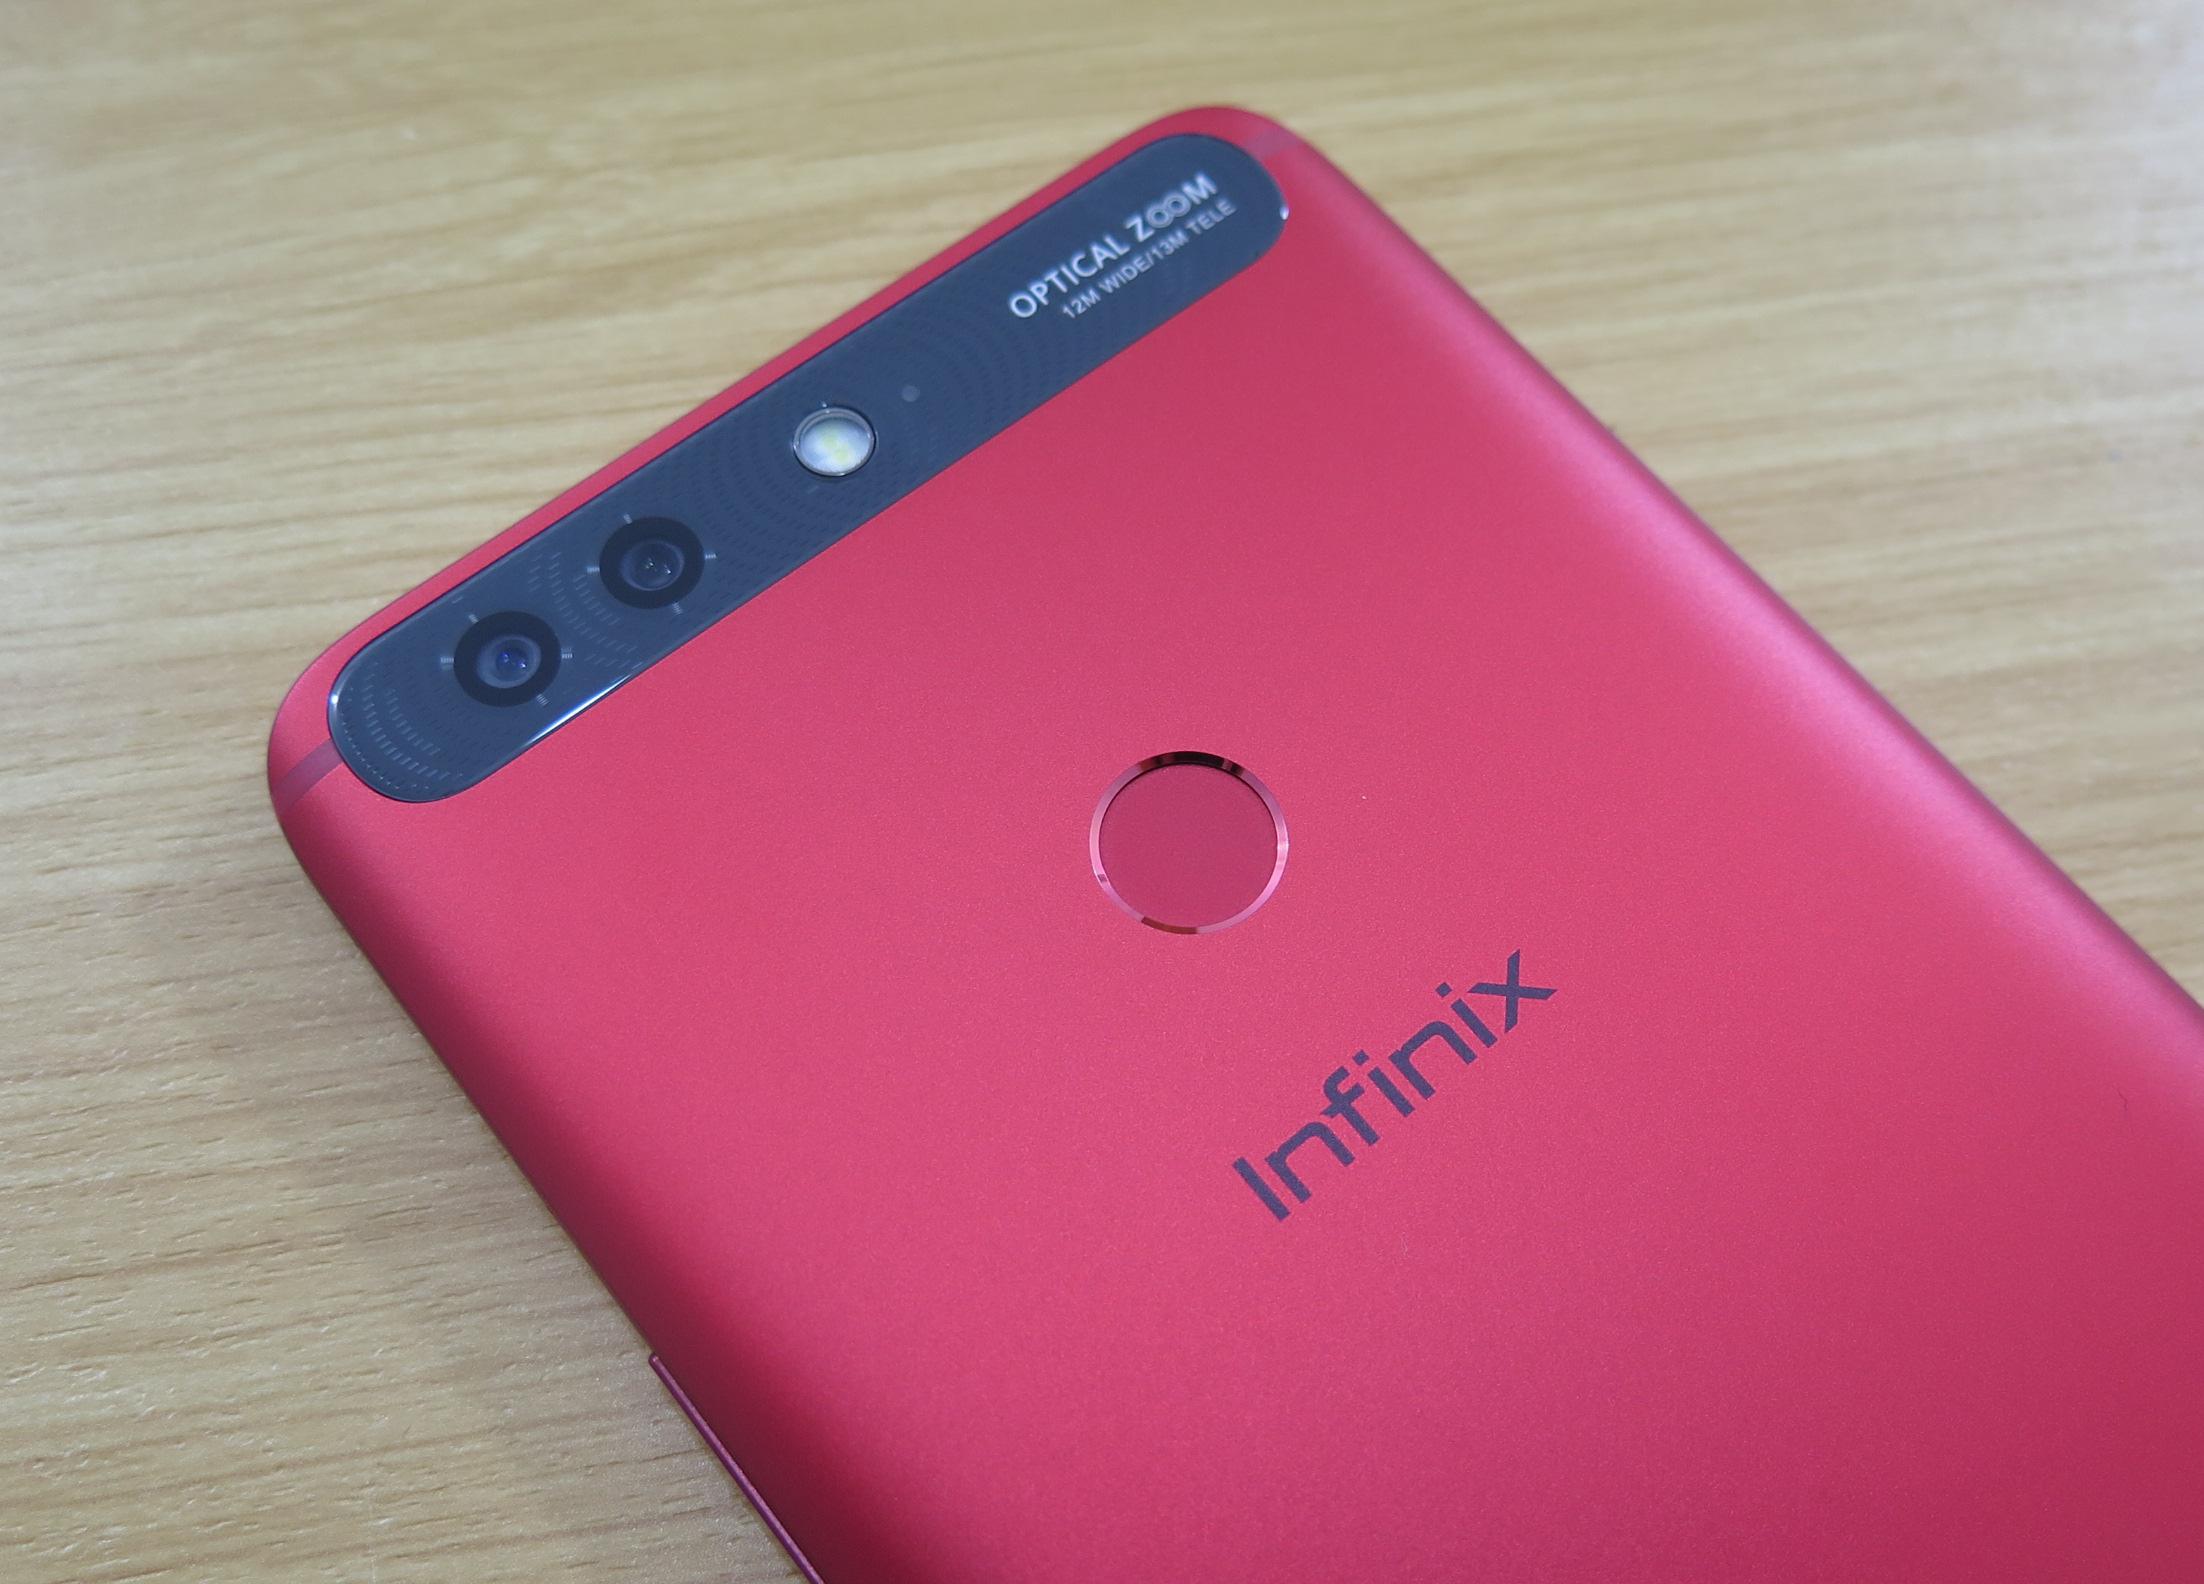 Kamera tentunya masih menjadi yang diunggulkan pada Infinix Zero 5 ini Dengan kamera utamanya kini mengusung Dual Camera yang terdiri dari sensor 12